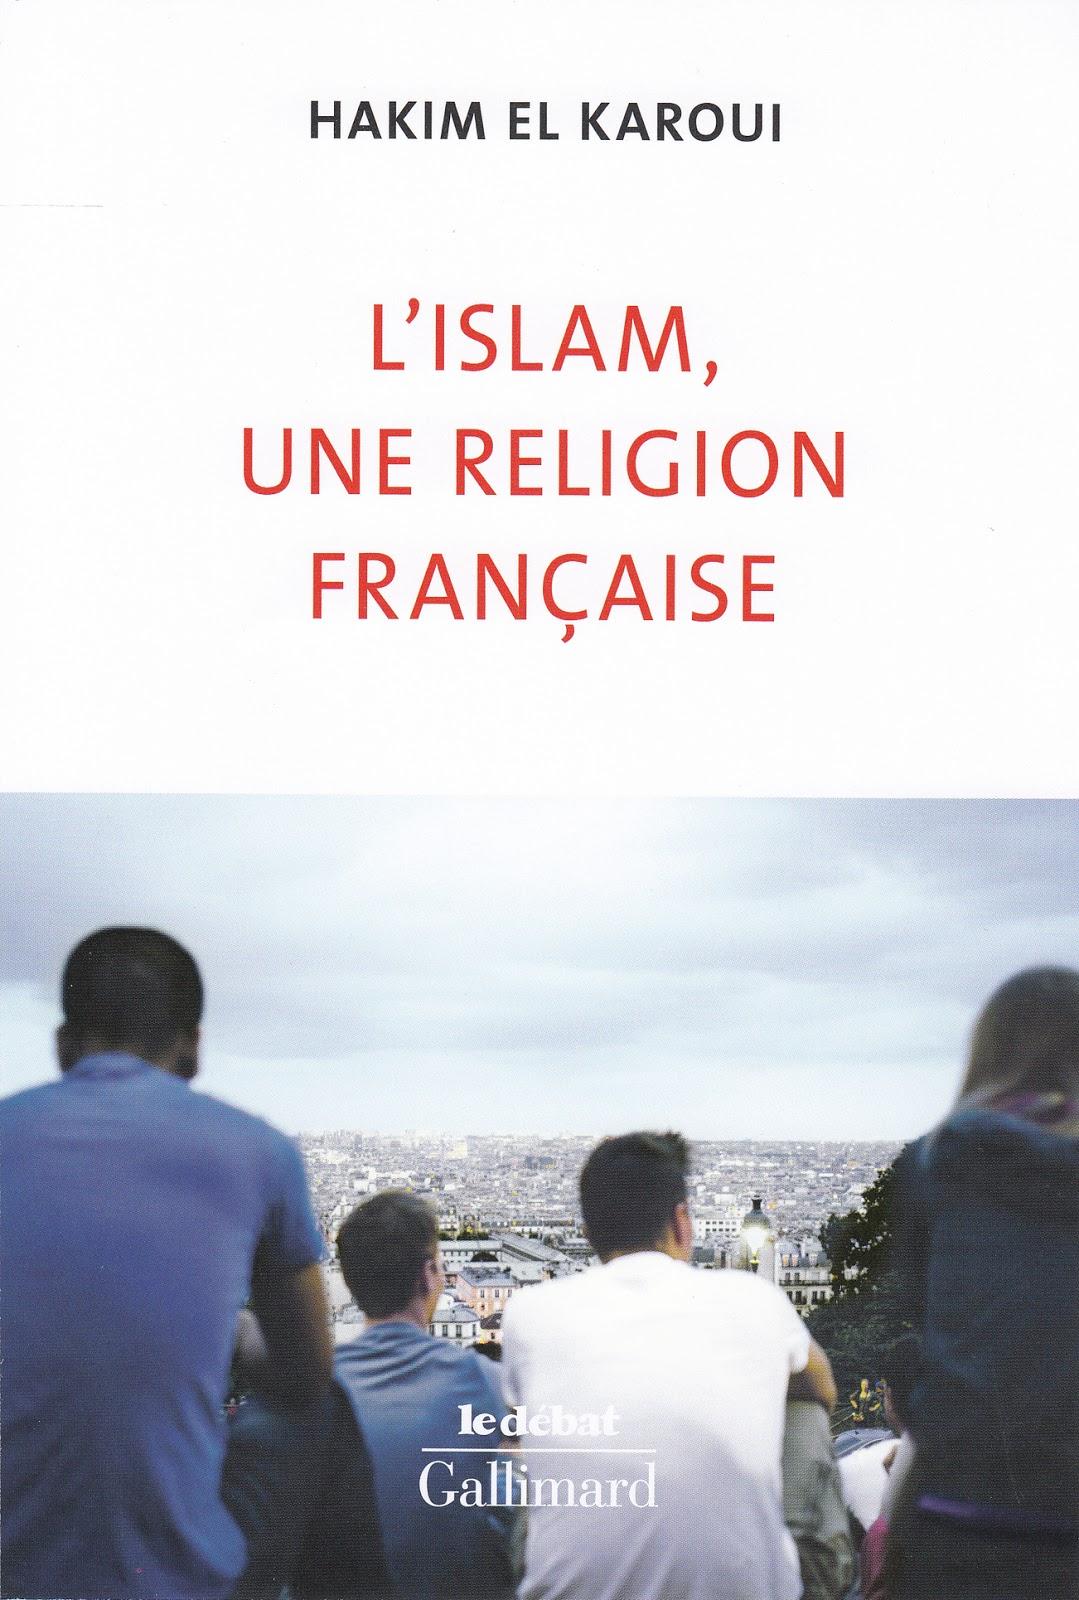 Comme Ses Précédents écrits Ce Livre Résonne Dans L Actualité En 2018 Est Publié Une Religion Française De Hakim El Karoui Essayiste Et